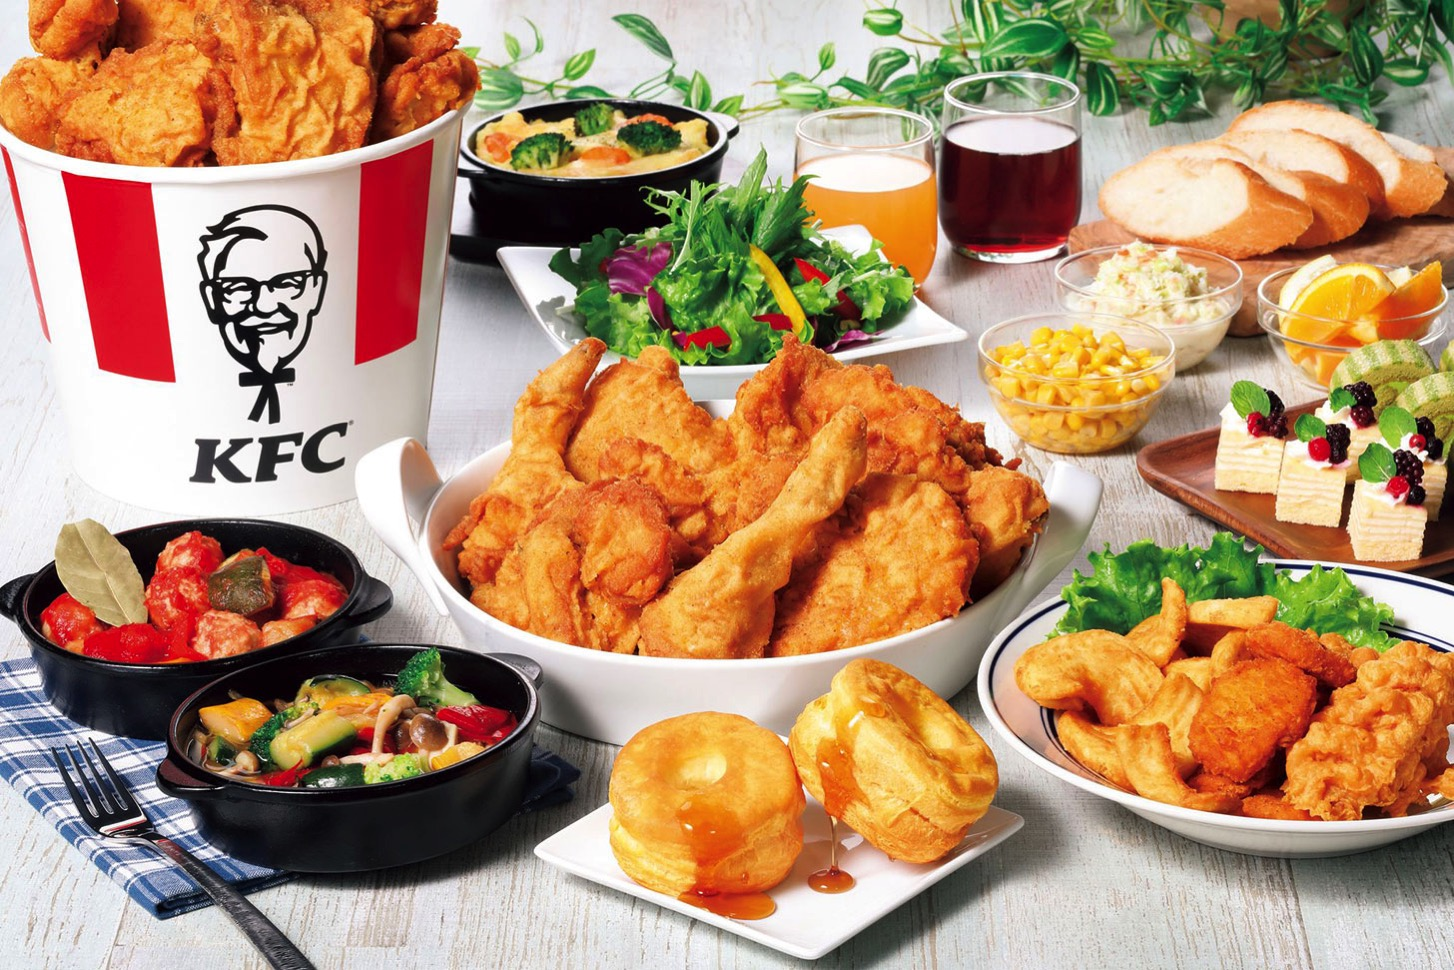 南町田「KFCレストラン」ブッフェでケンタッキーのオリジナルチキンなど提供!